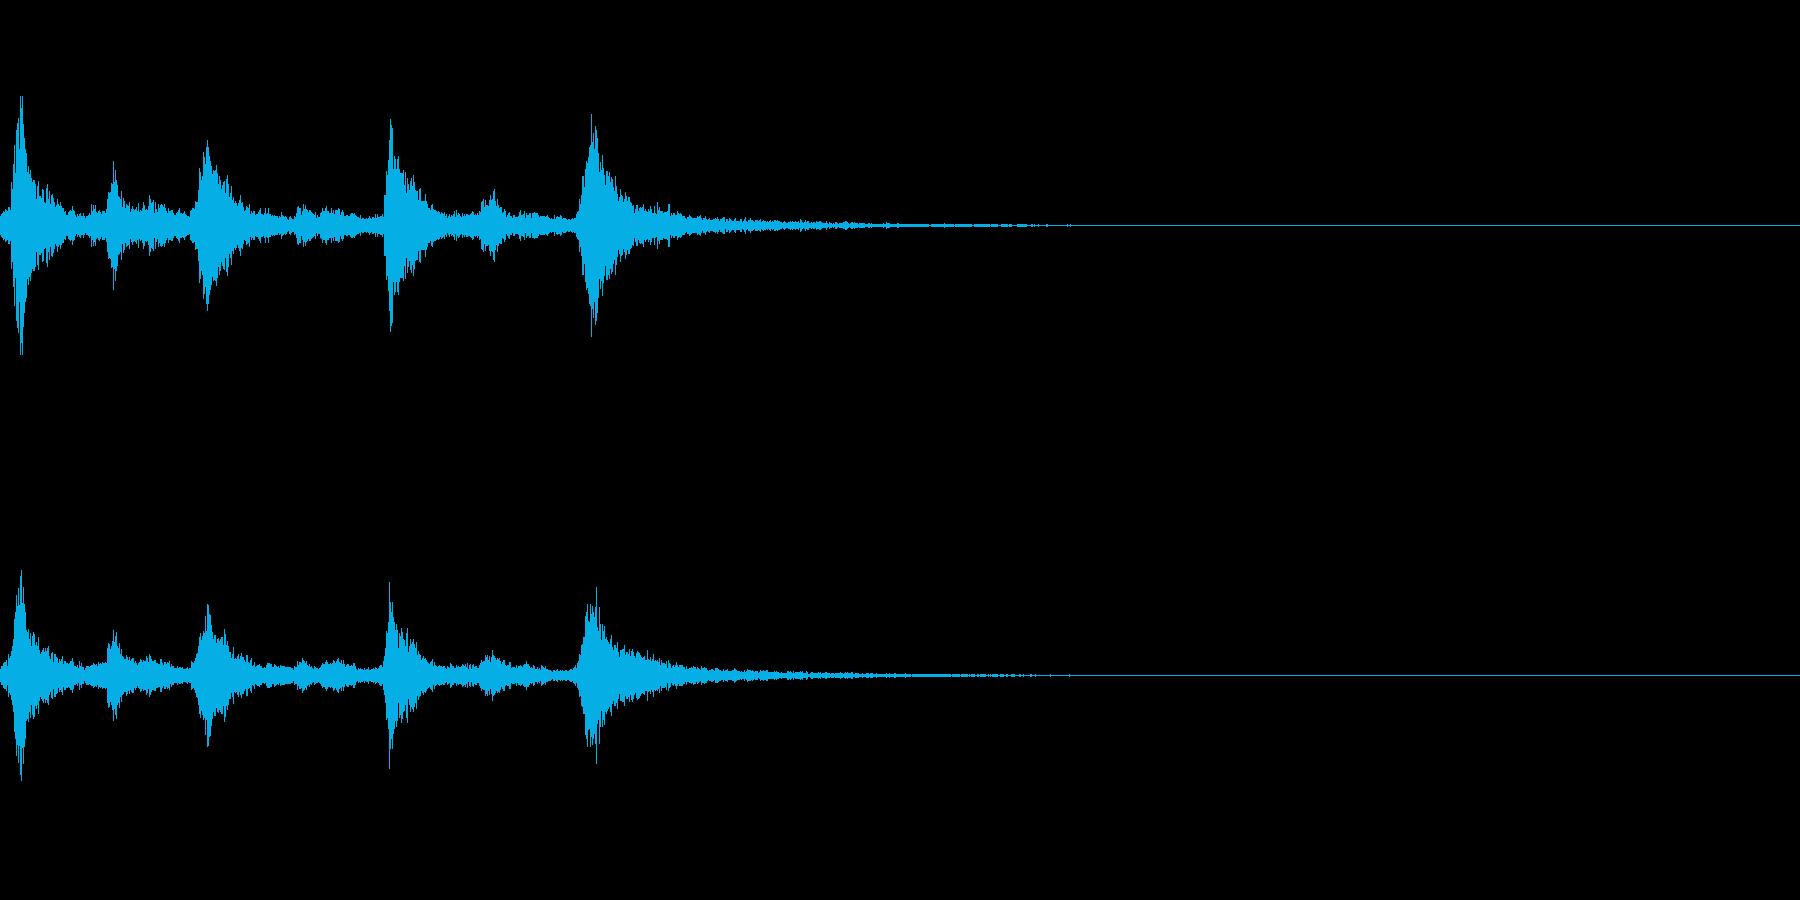 クリスマスのベル、鈴の効果音 ロゴ06の再生済みの波形